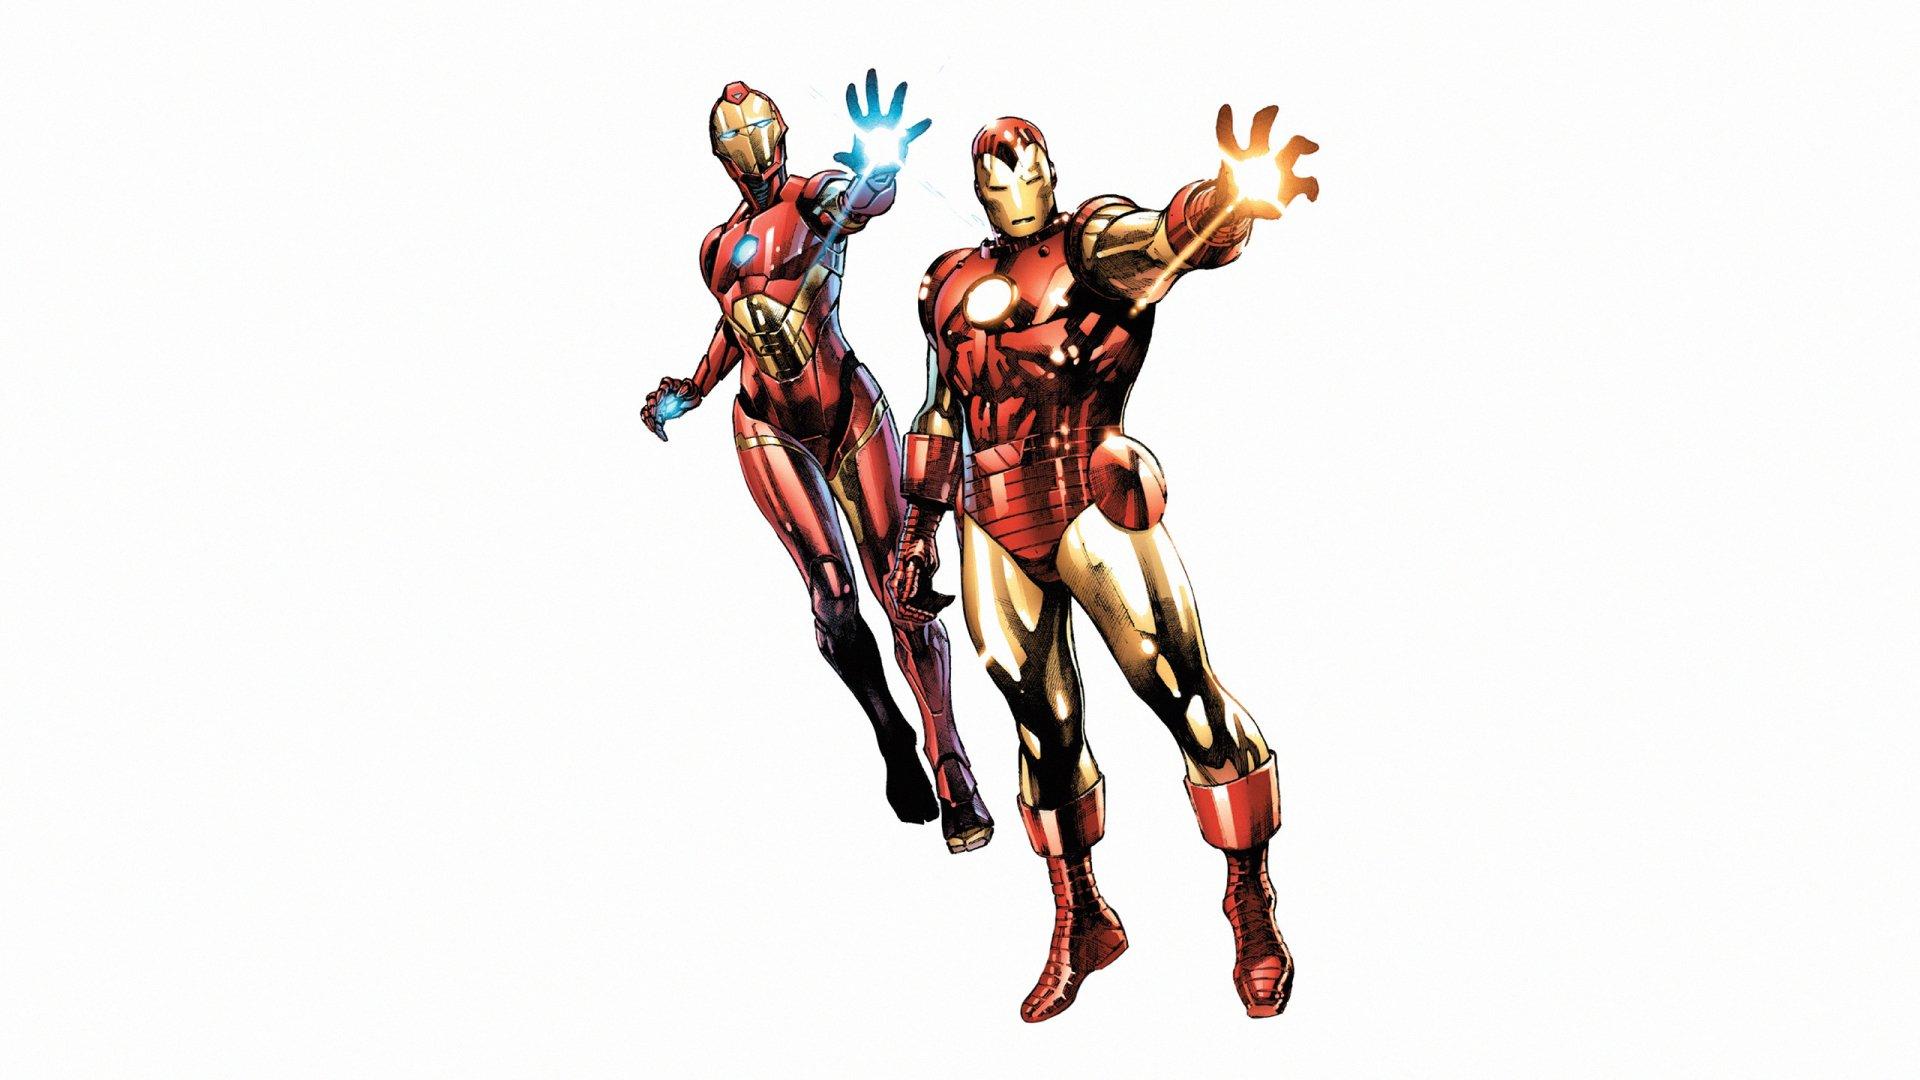 Iron Man Fondo De Pantalla HD